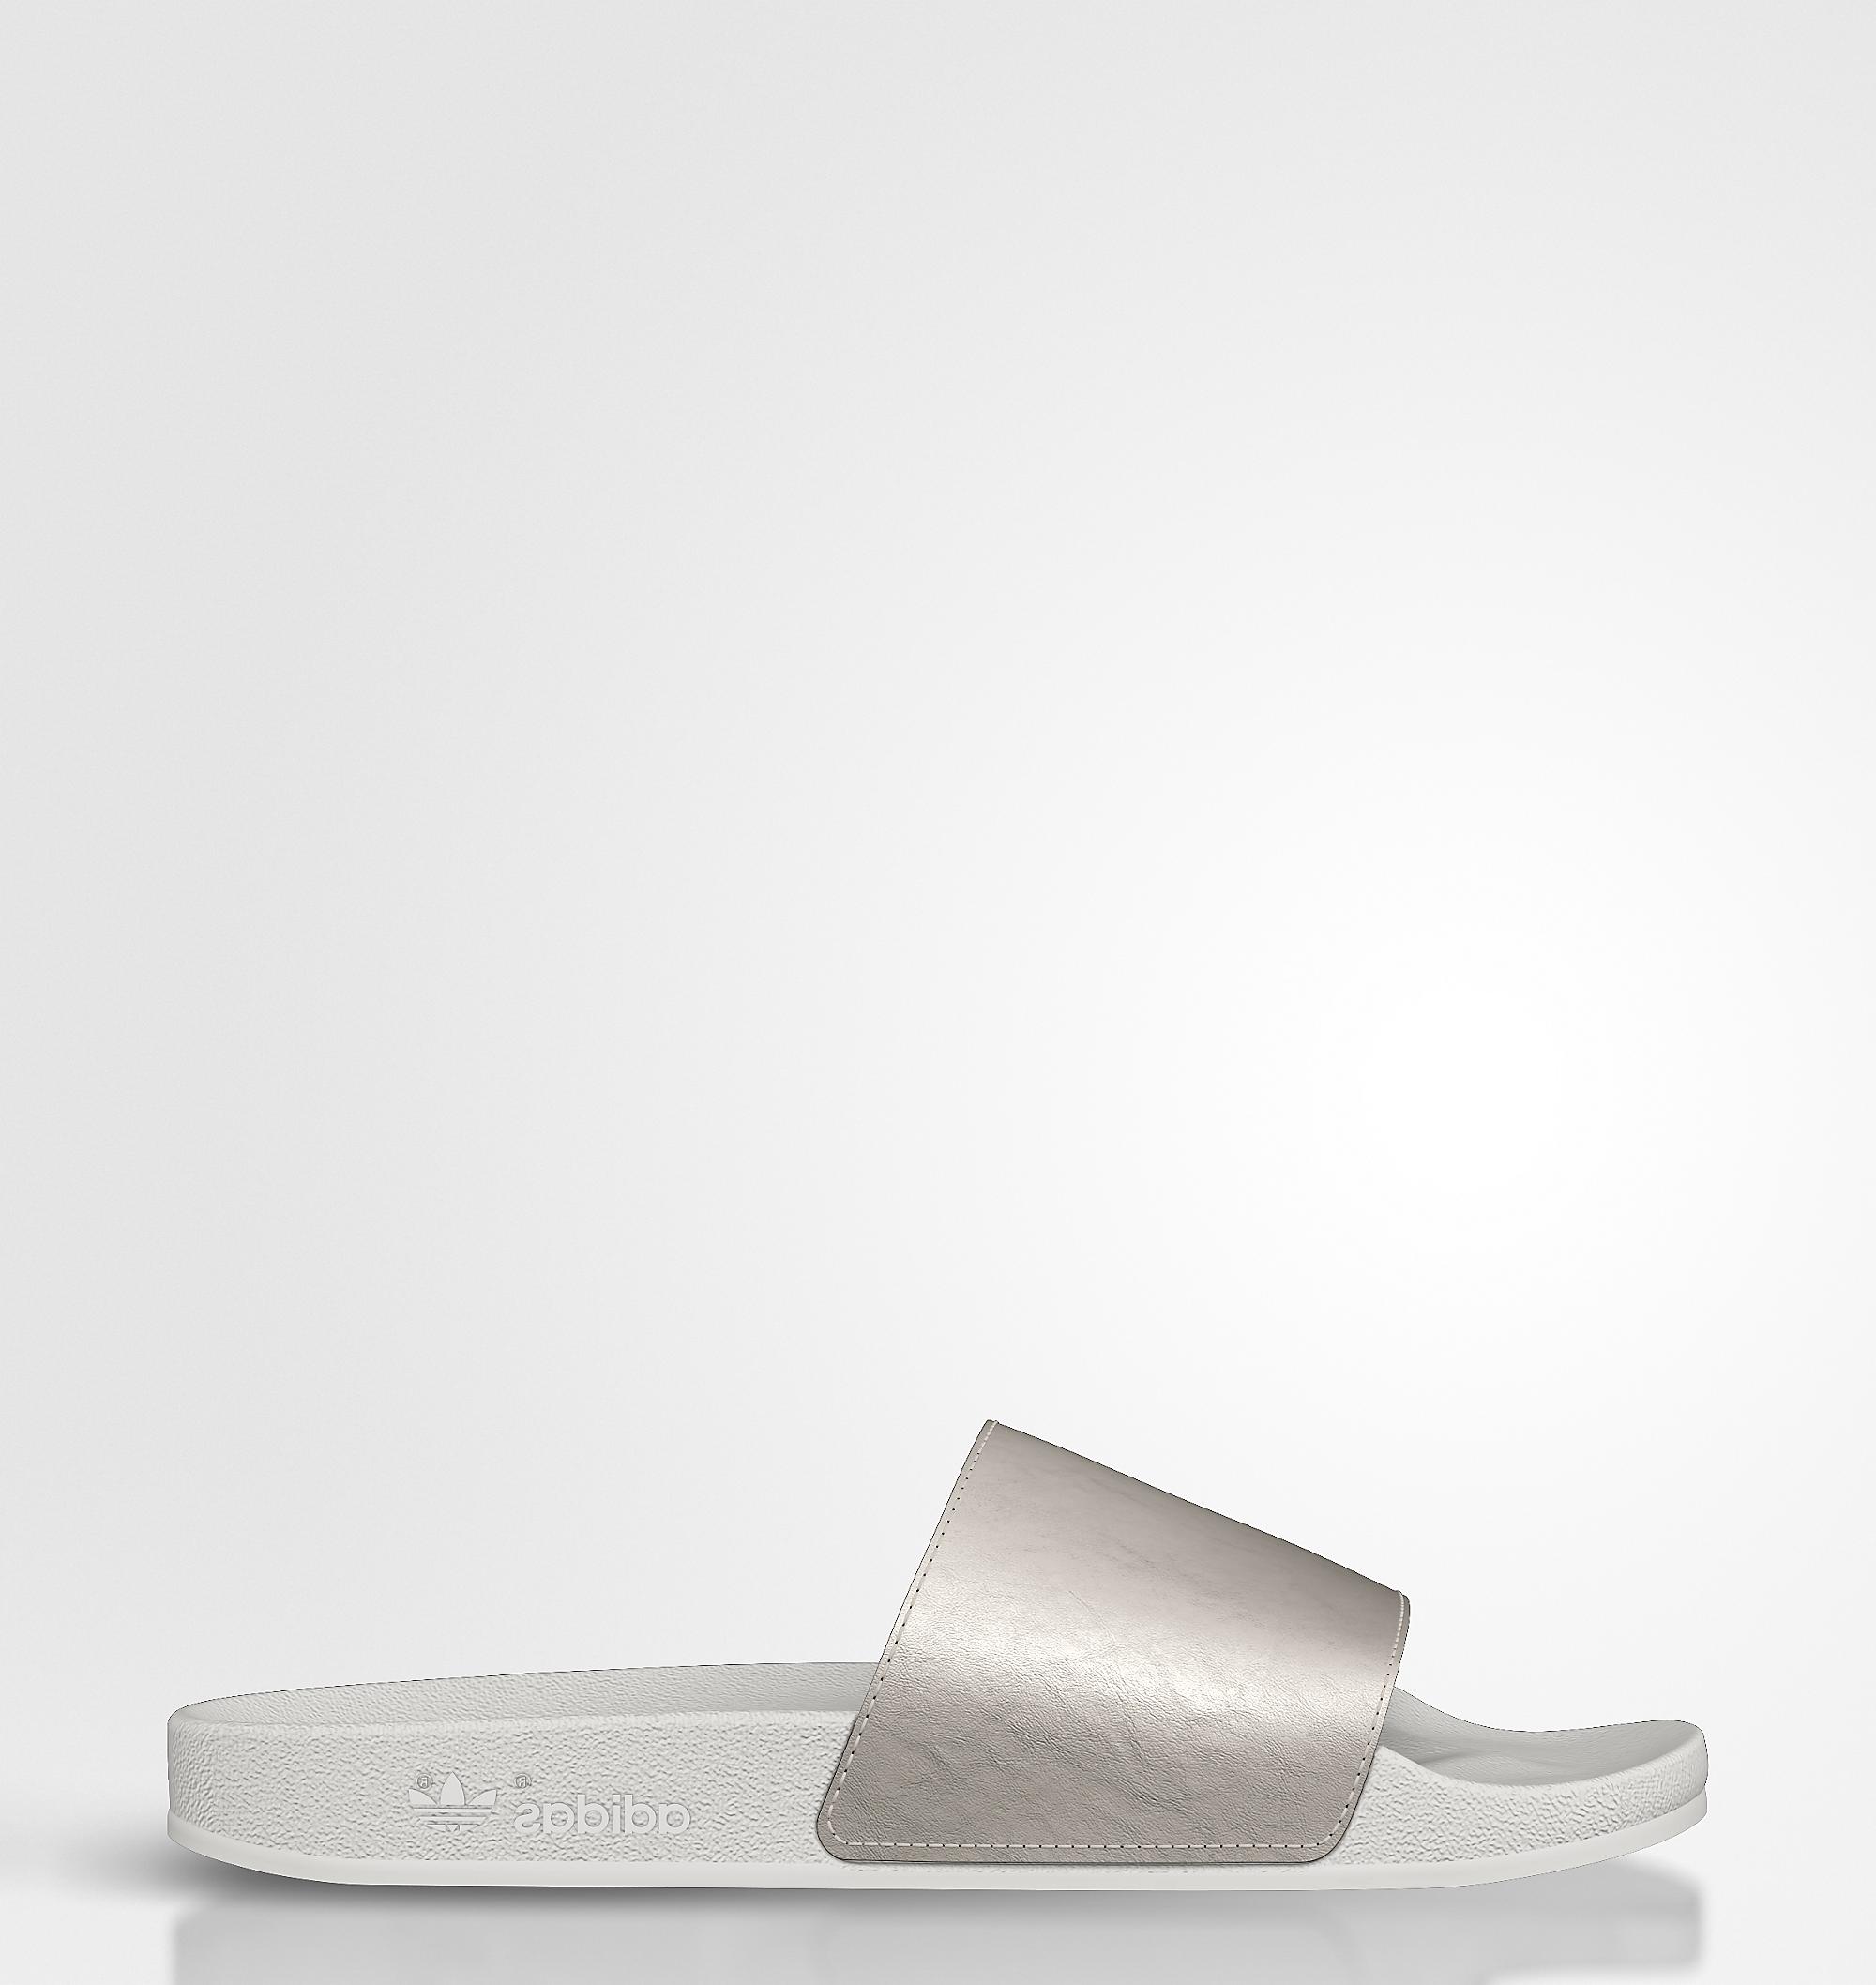 mi adilette - Your Call adidas от adidas RU